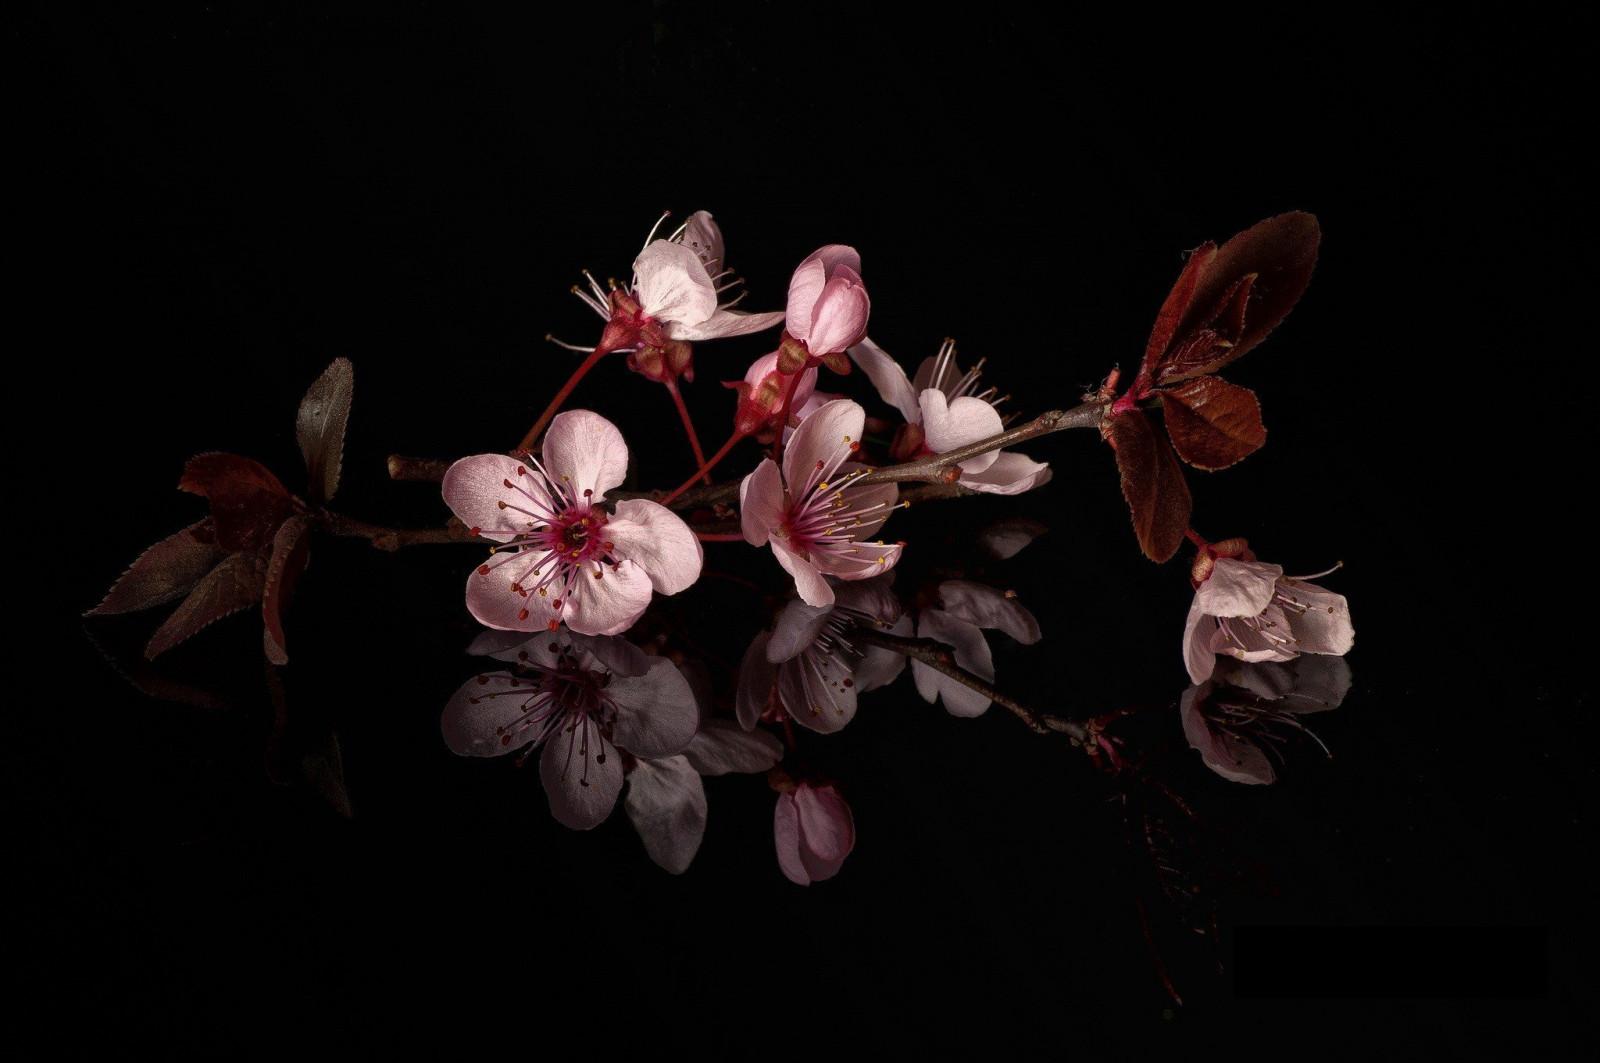 Праздником, картинки на телефон цветы на темном фоне